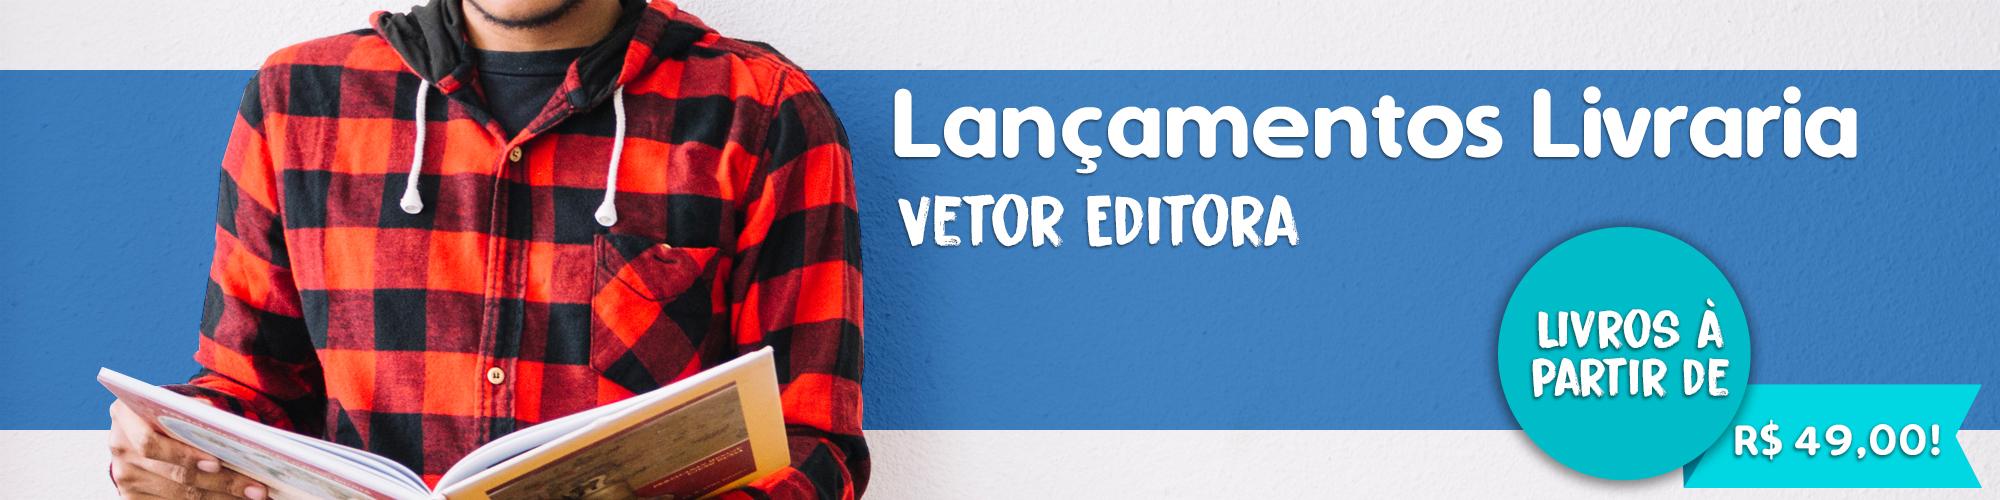 BANNER NOVEMBRO LANCAMENTO LIVROS